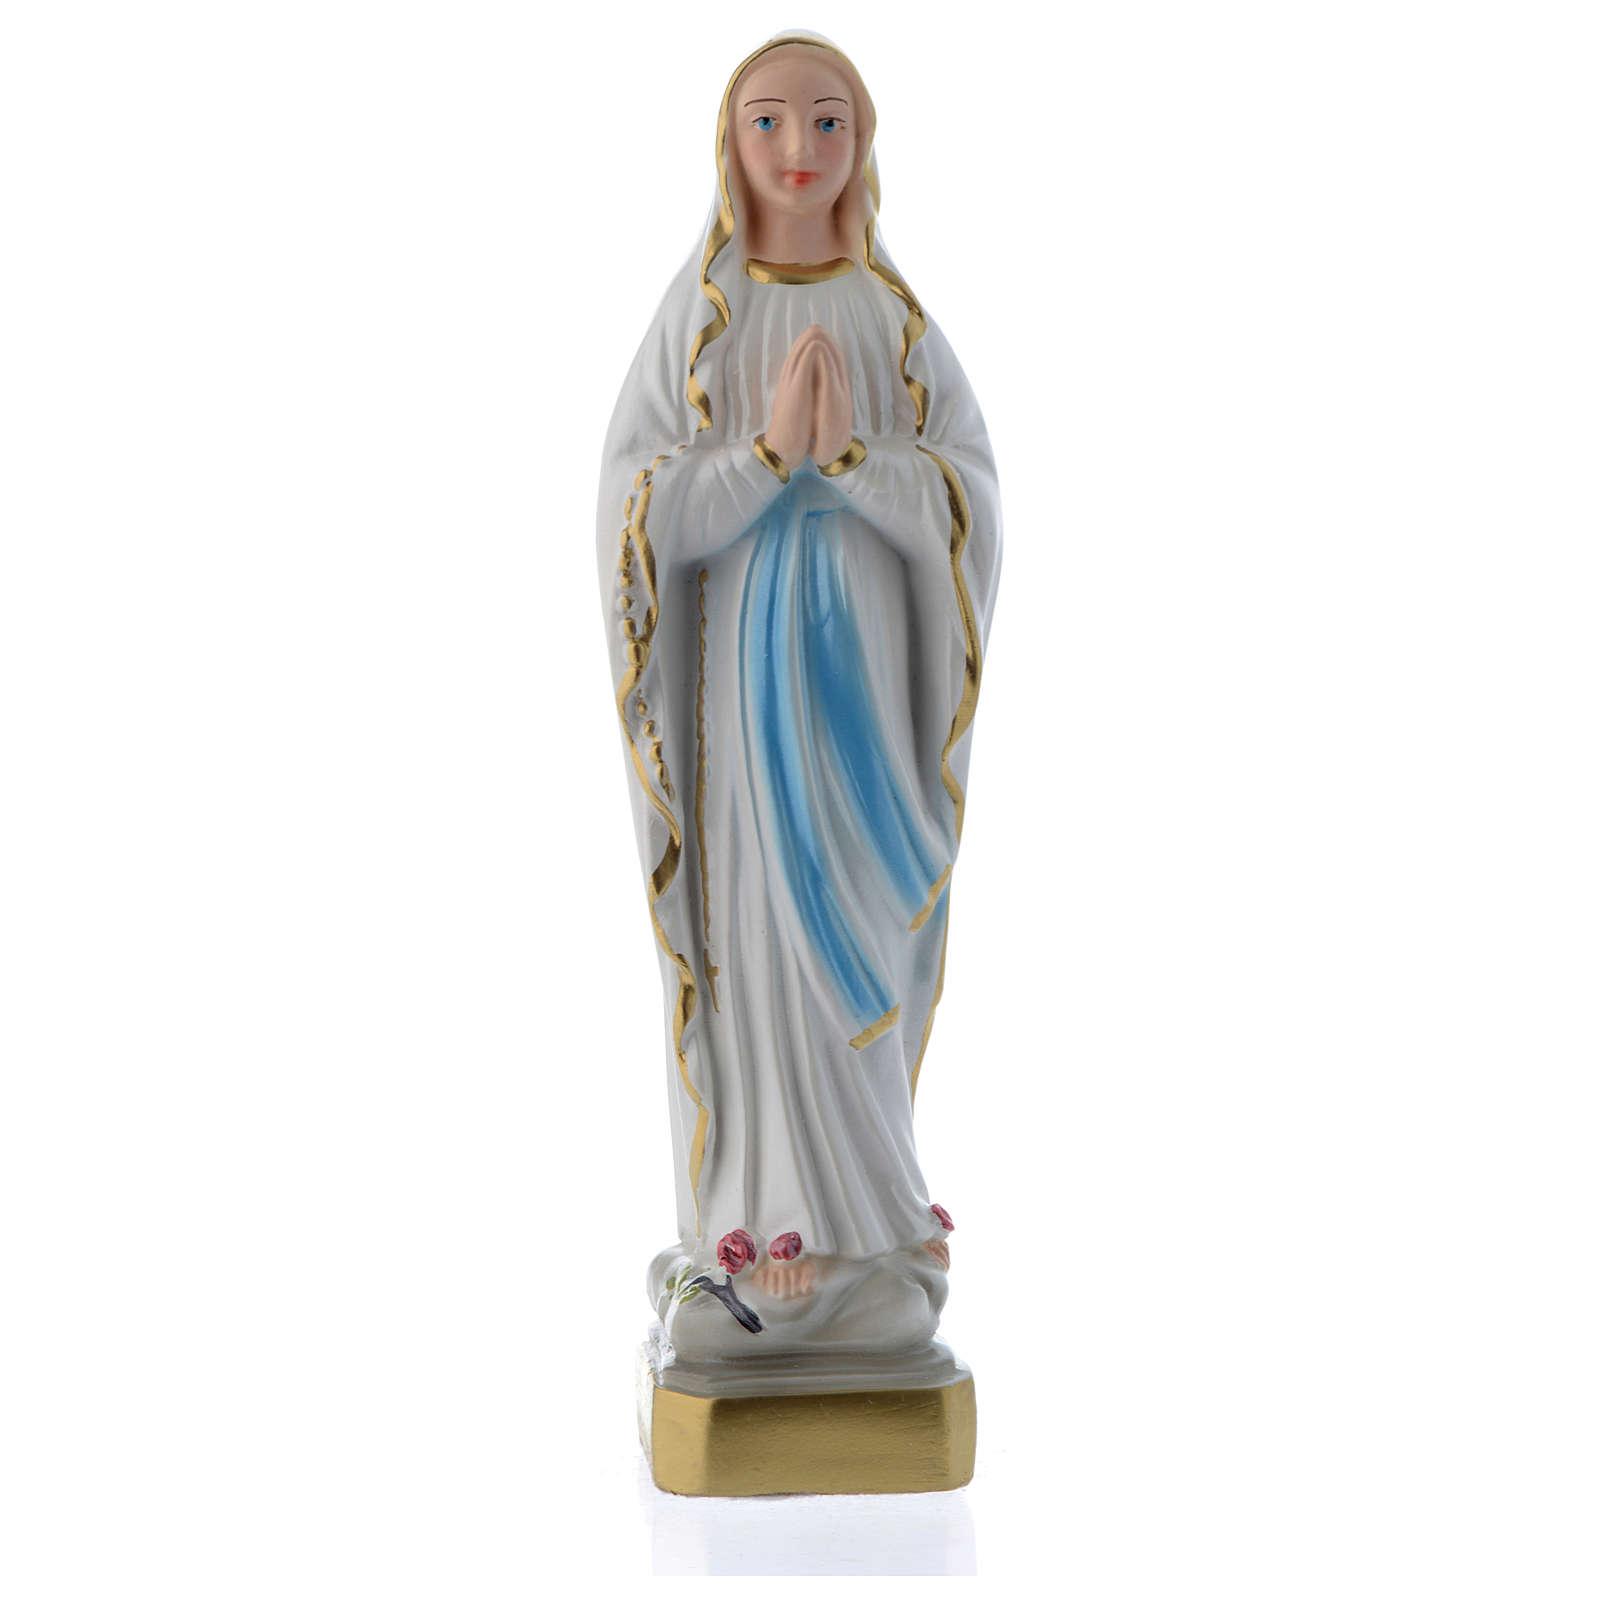 Madonna z Lourdes 20 cm figurka gips perłowy 4